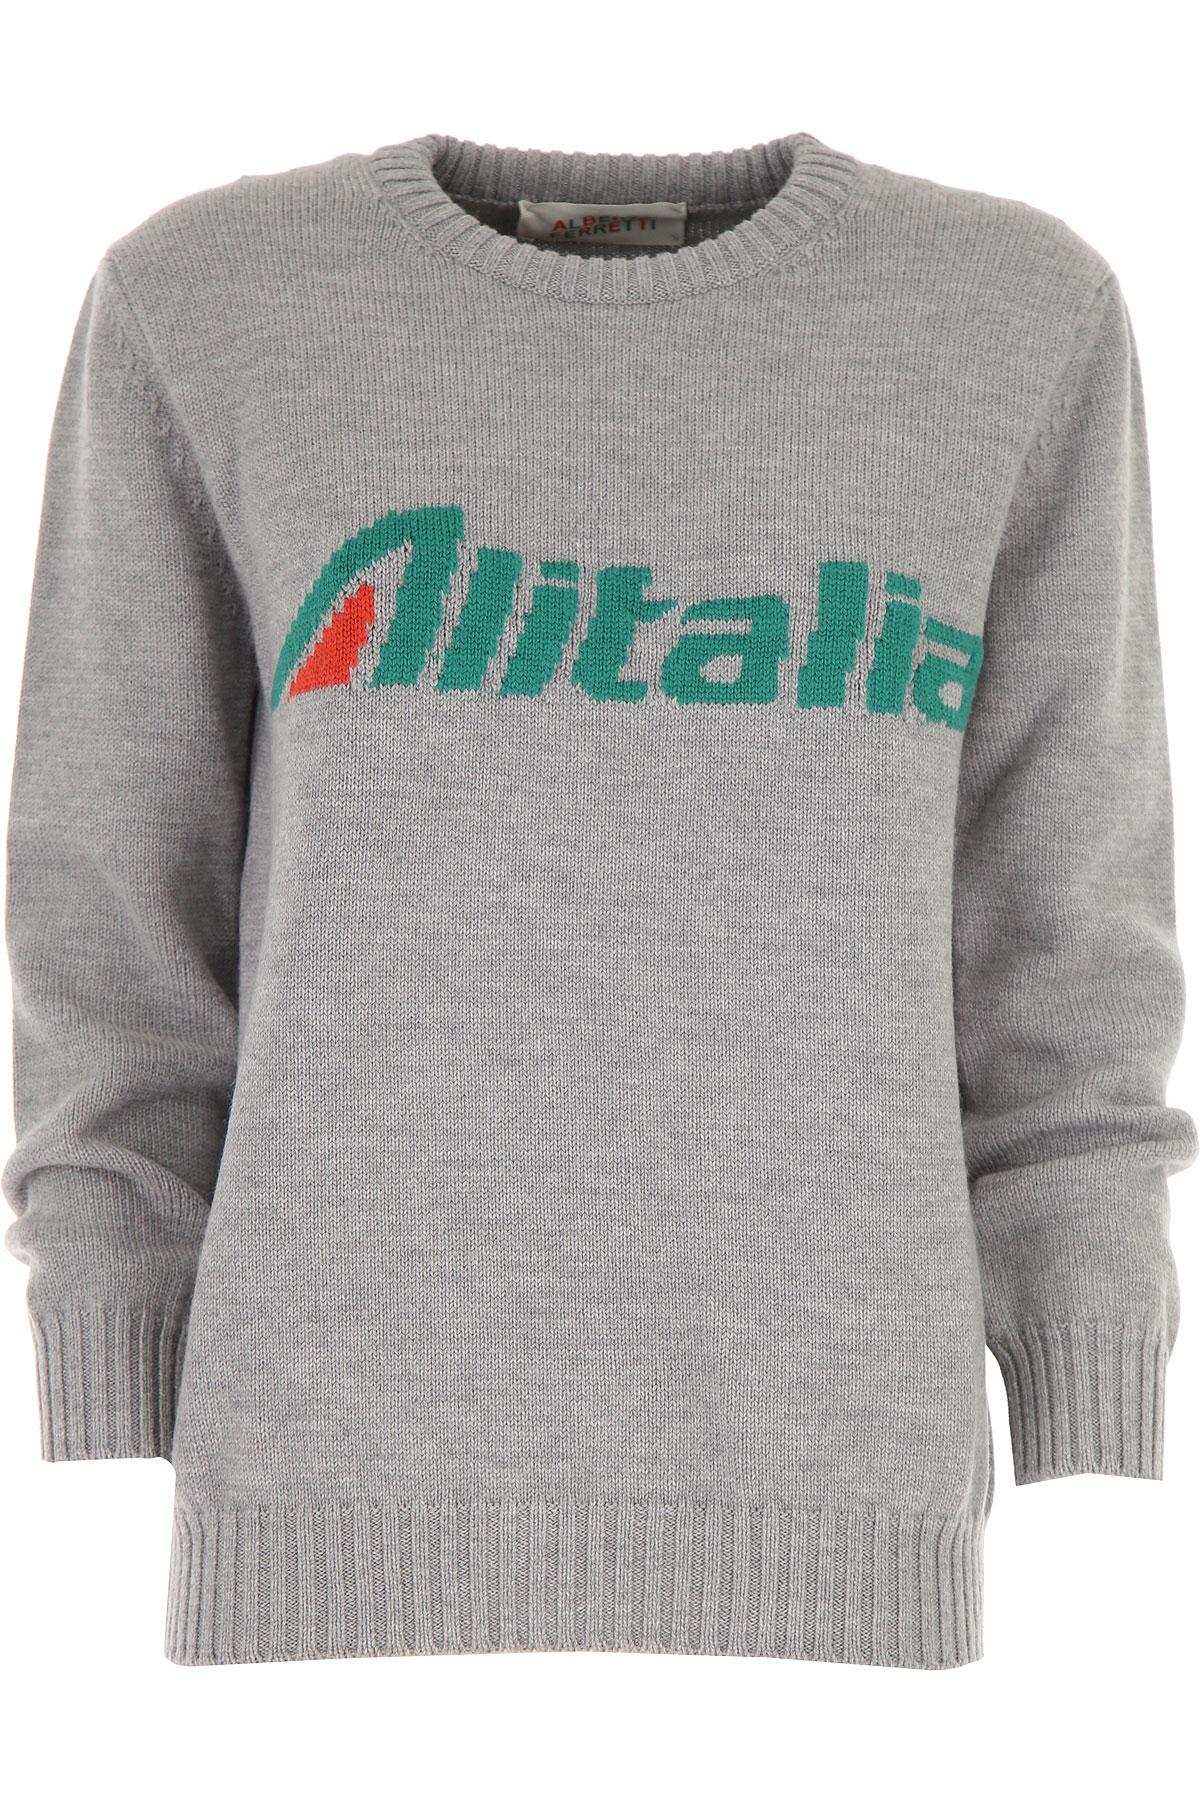 Alberta Ferretti Sweater for Women Jumper On Sale, Grey, Virgin wool, 2019, 2 6